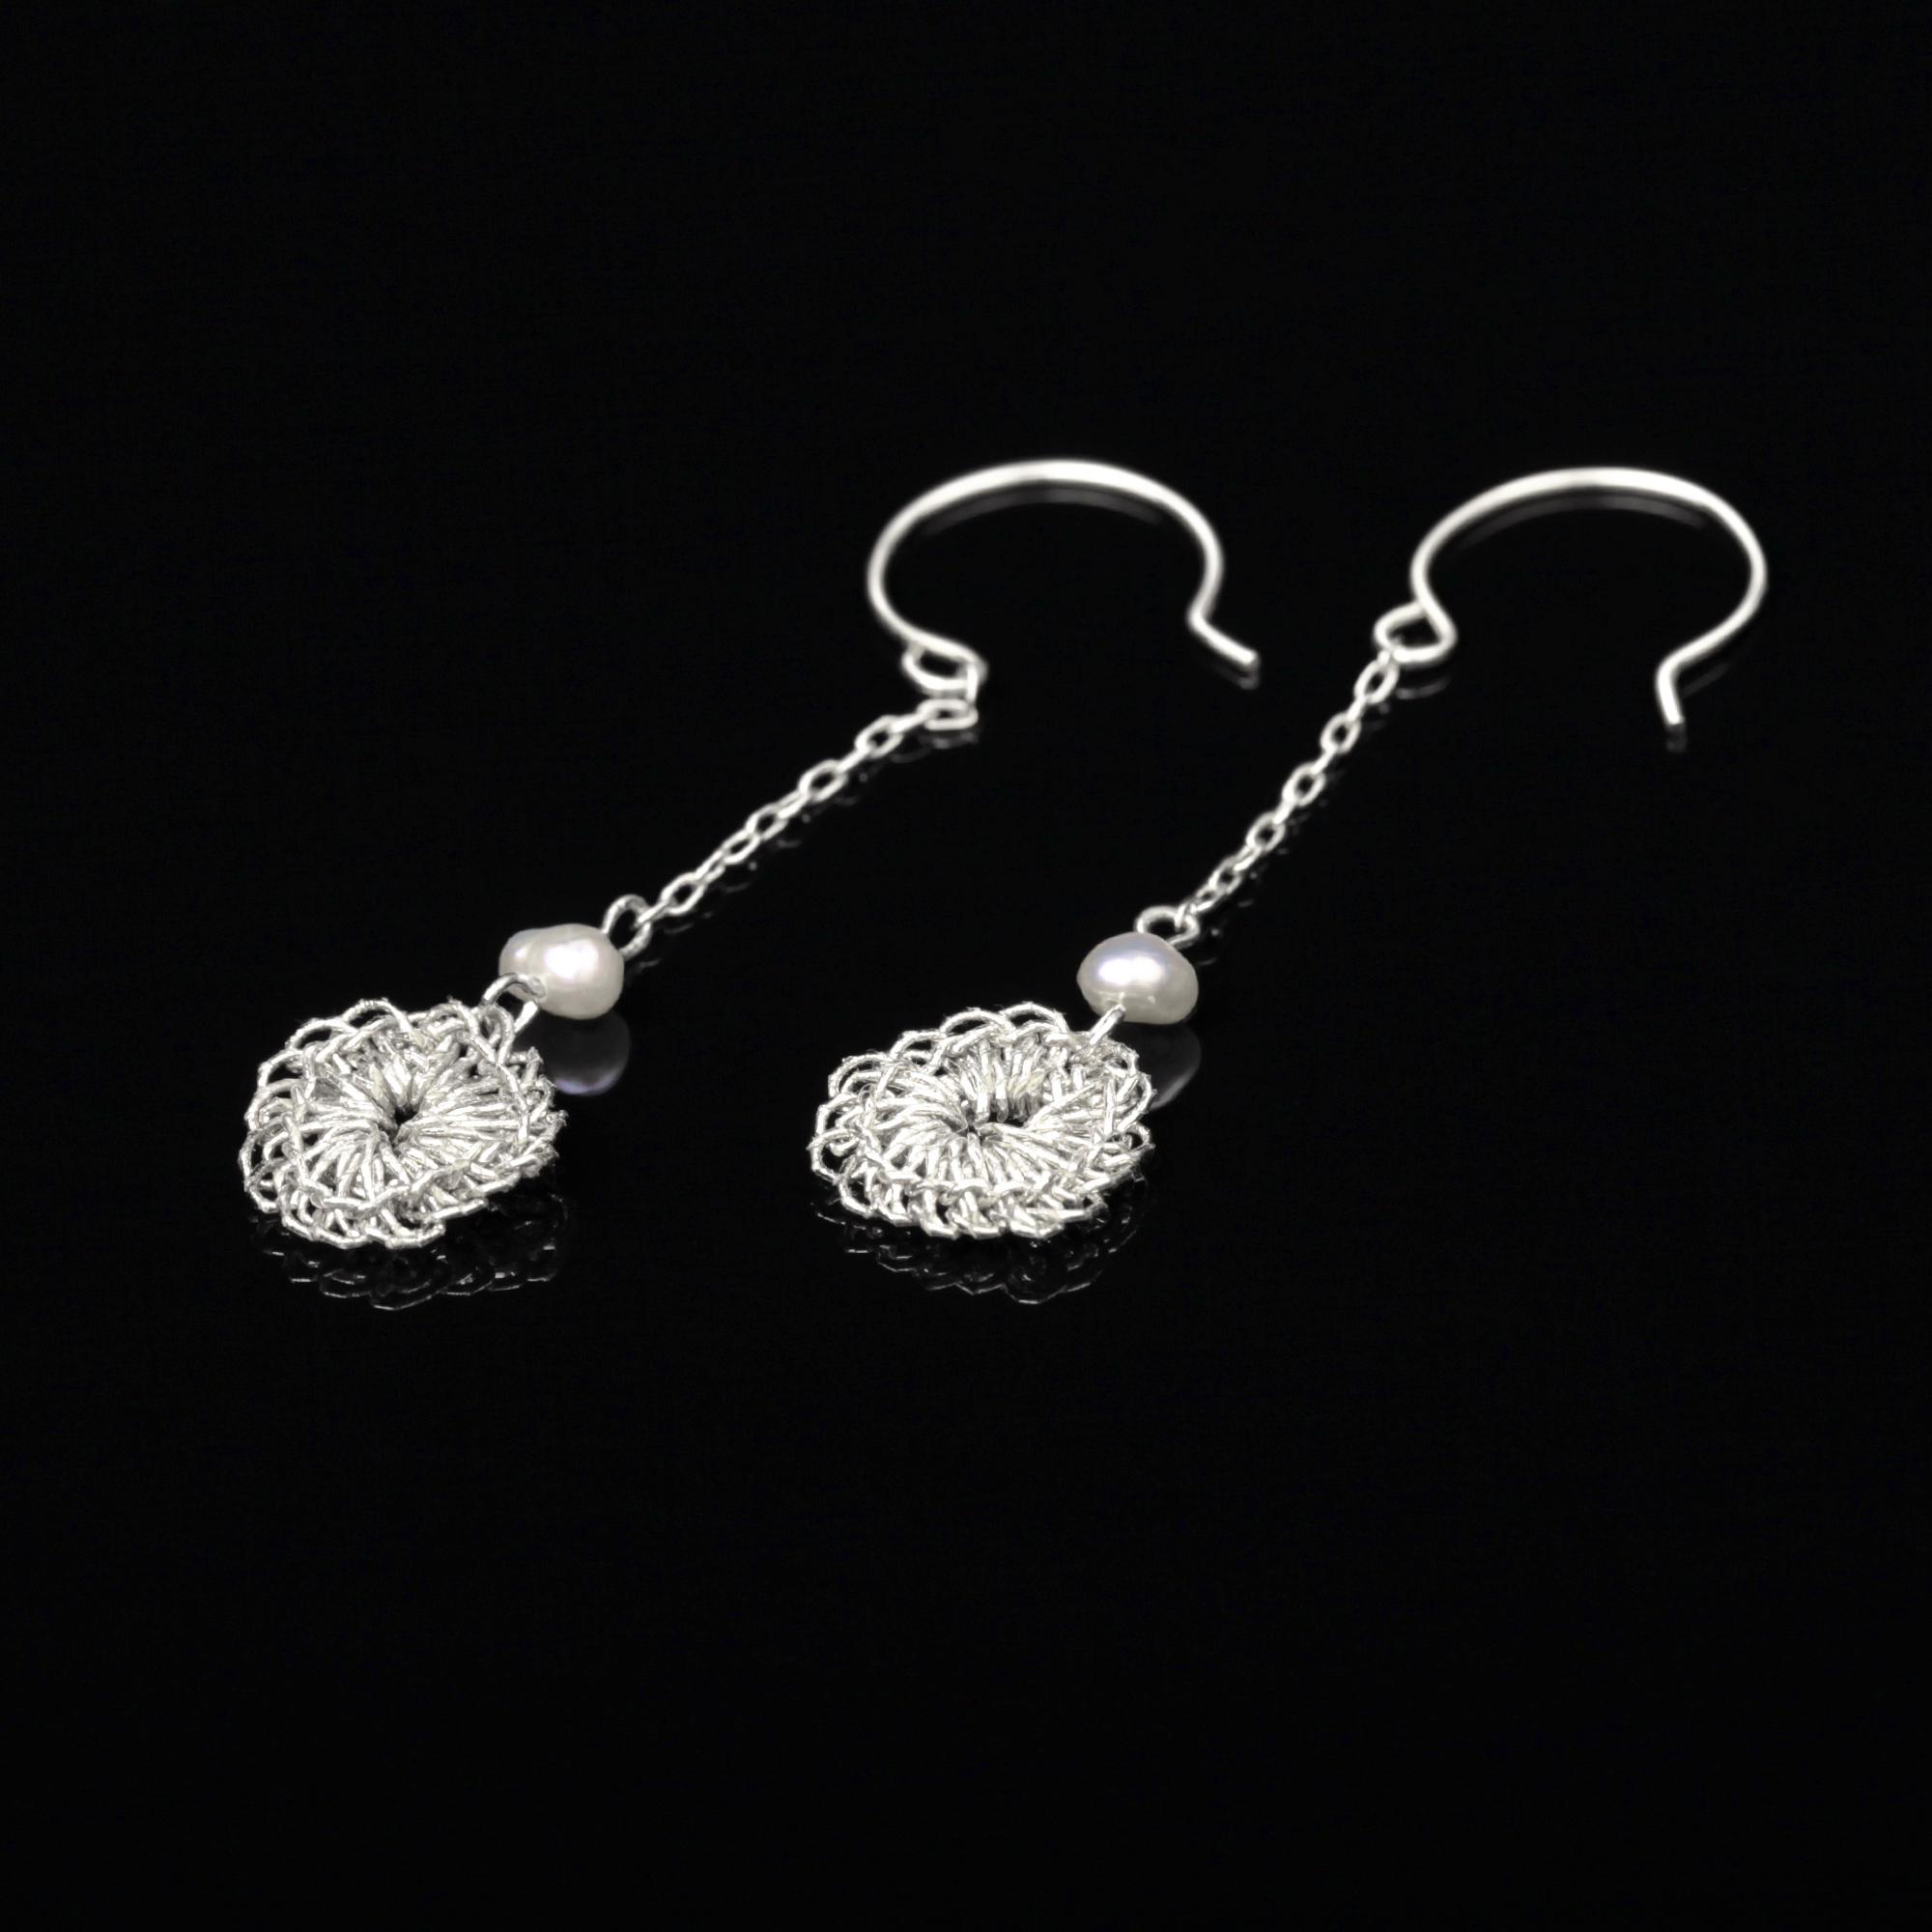 花のデザインが特徴的な和の彩 金銀糸ピアスとイヤリングの商品写真です。型番:659-150 画像その1